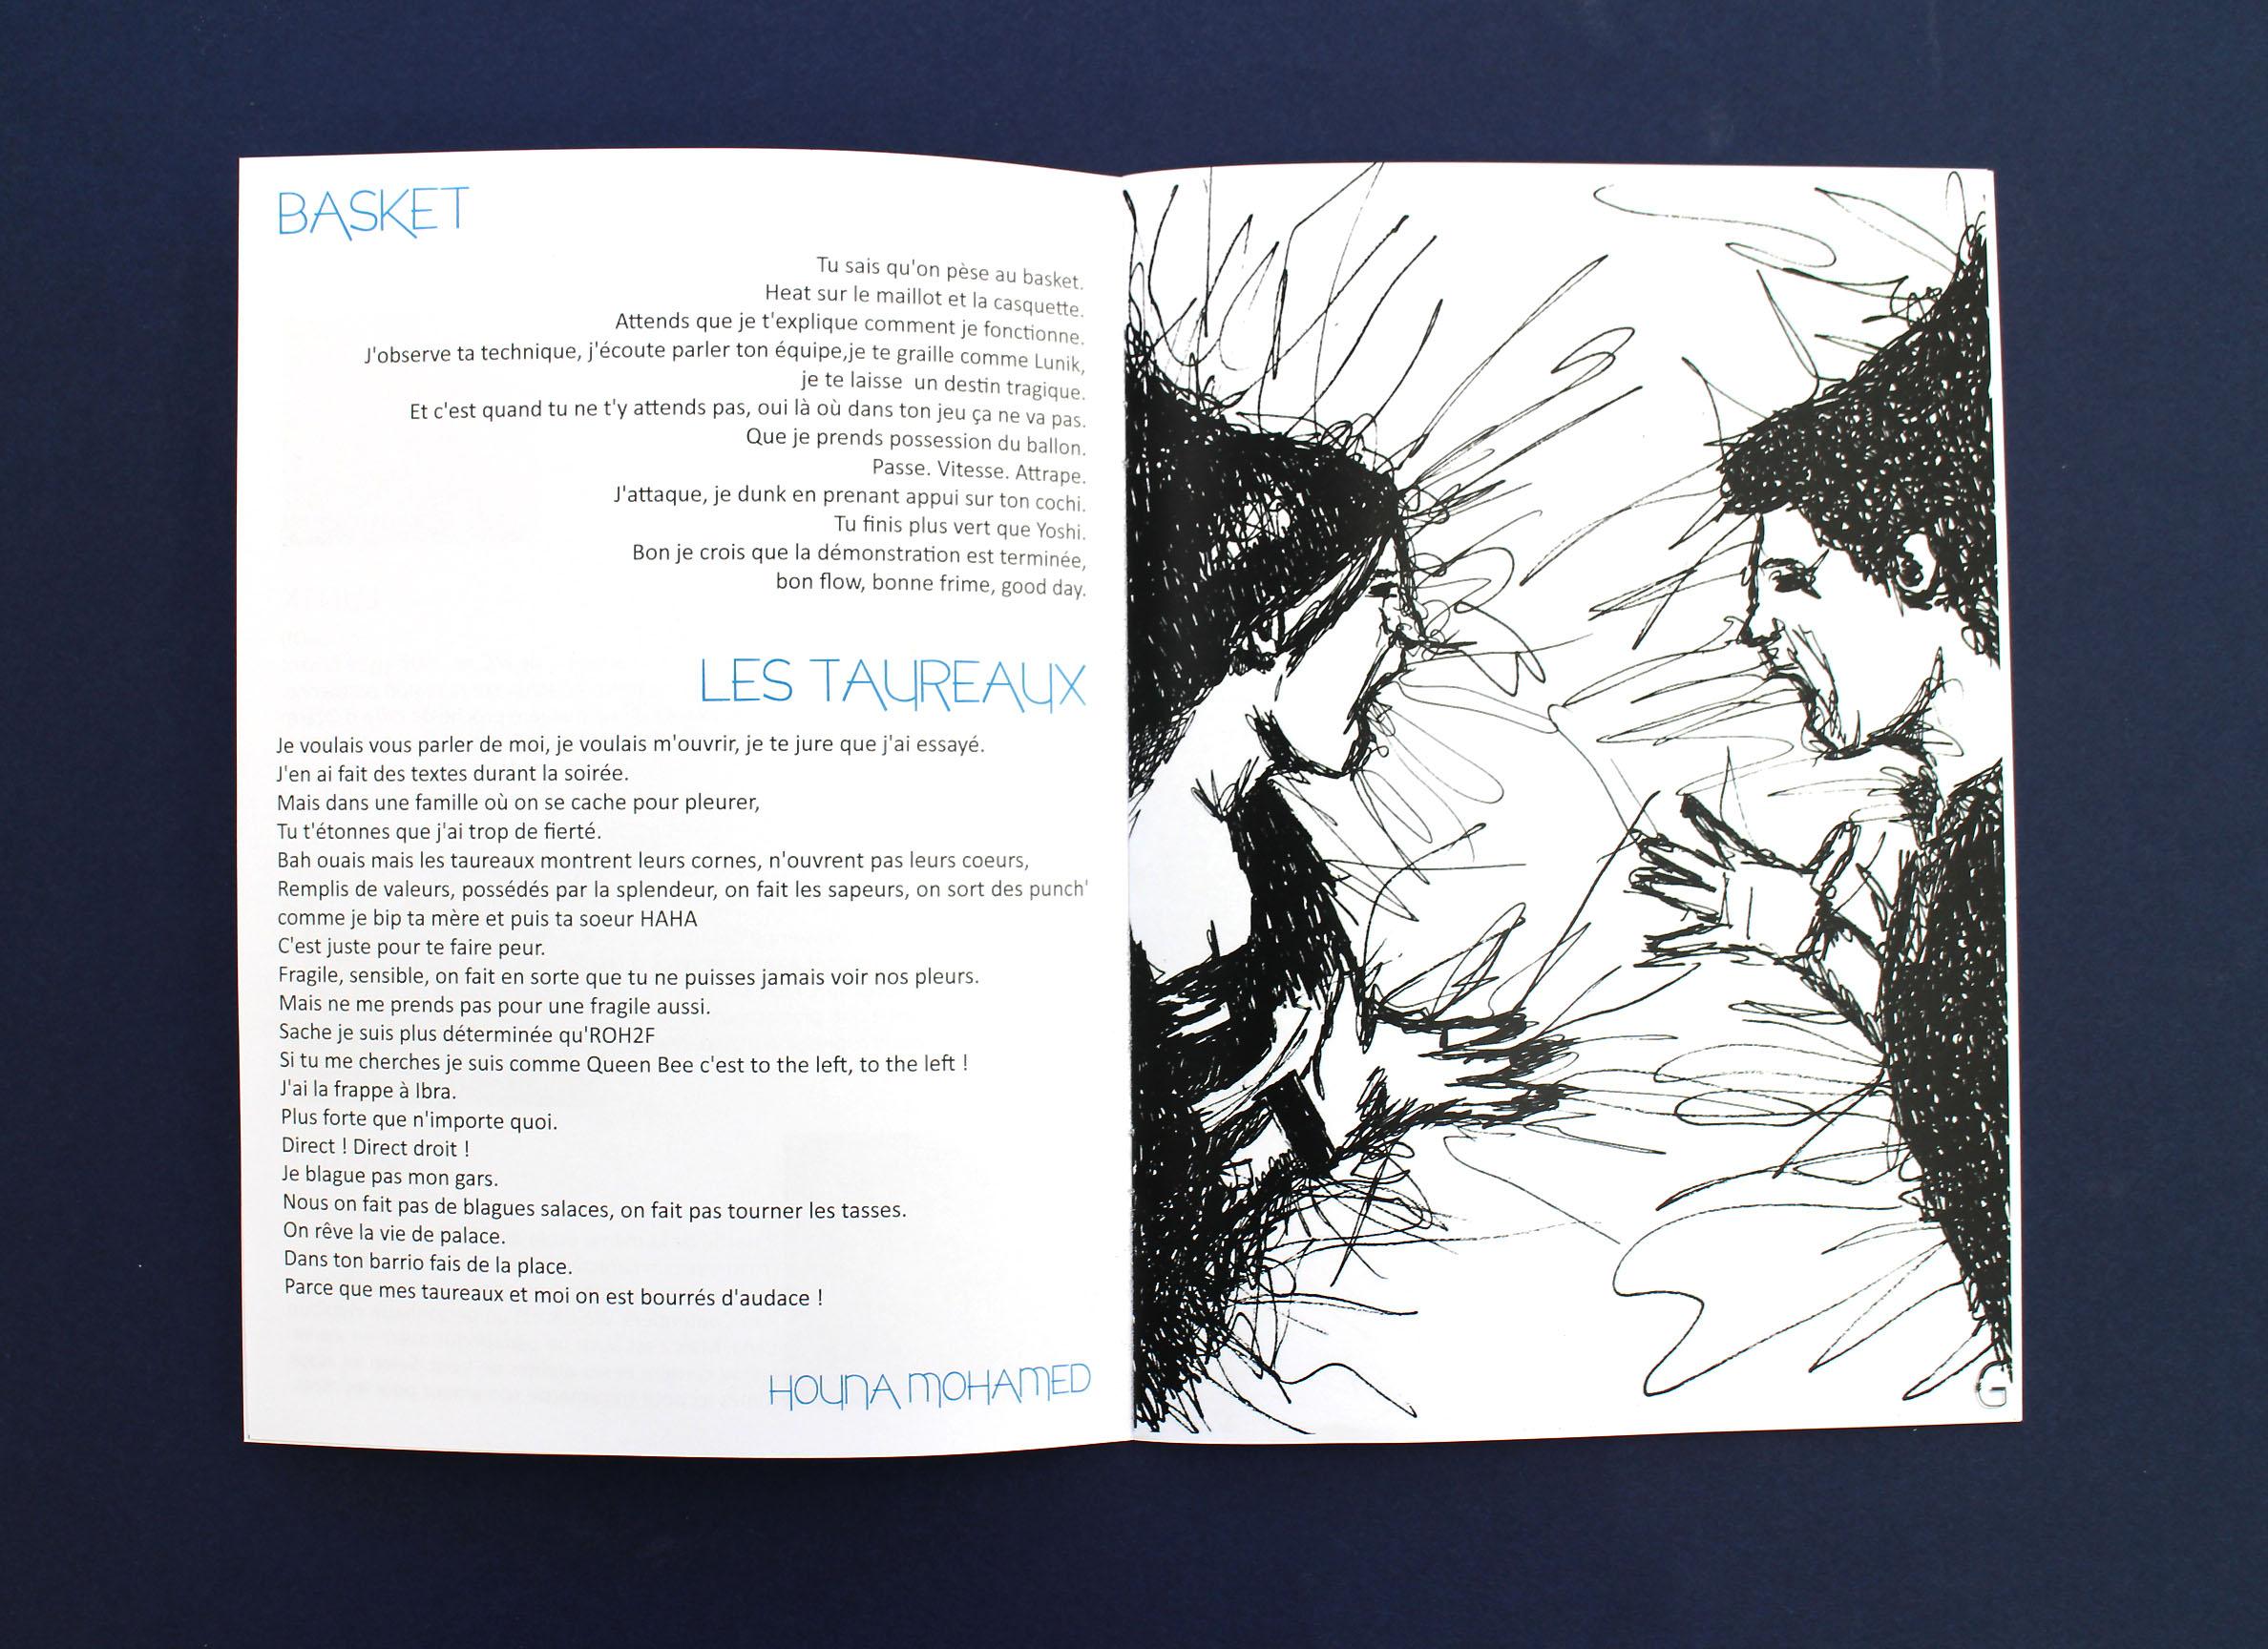 Montre ta voix, slam | Pages intérieures